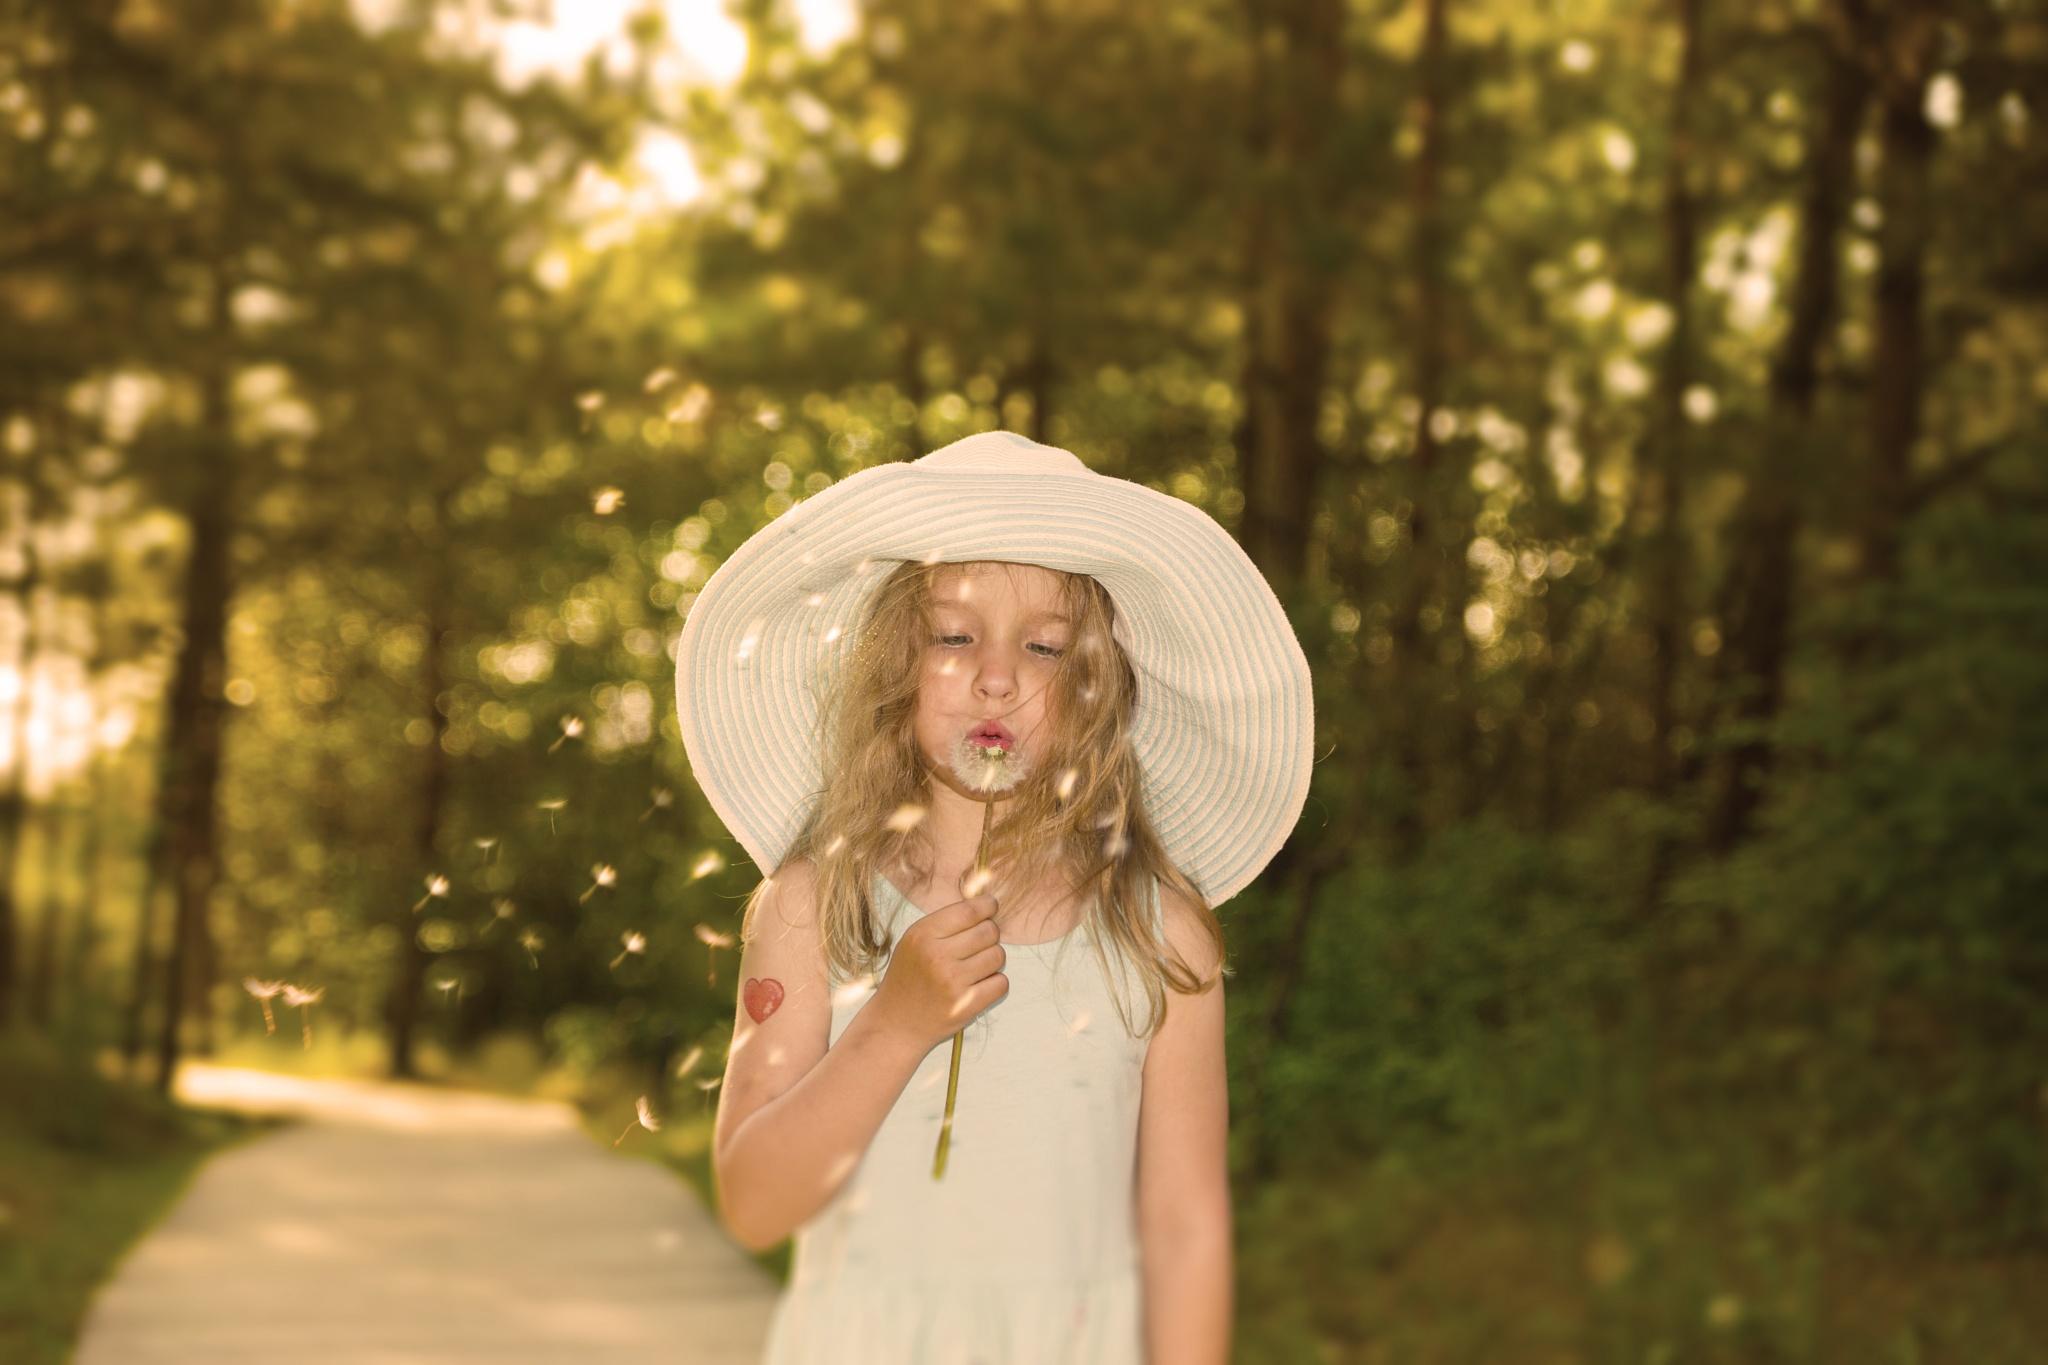 Joy of childhood by DariusBirstonas